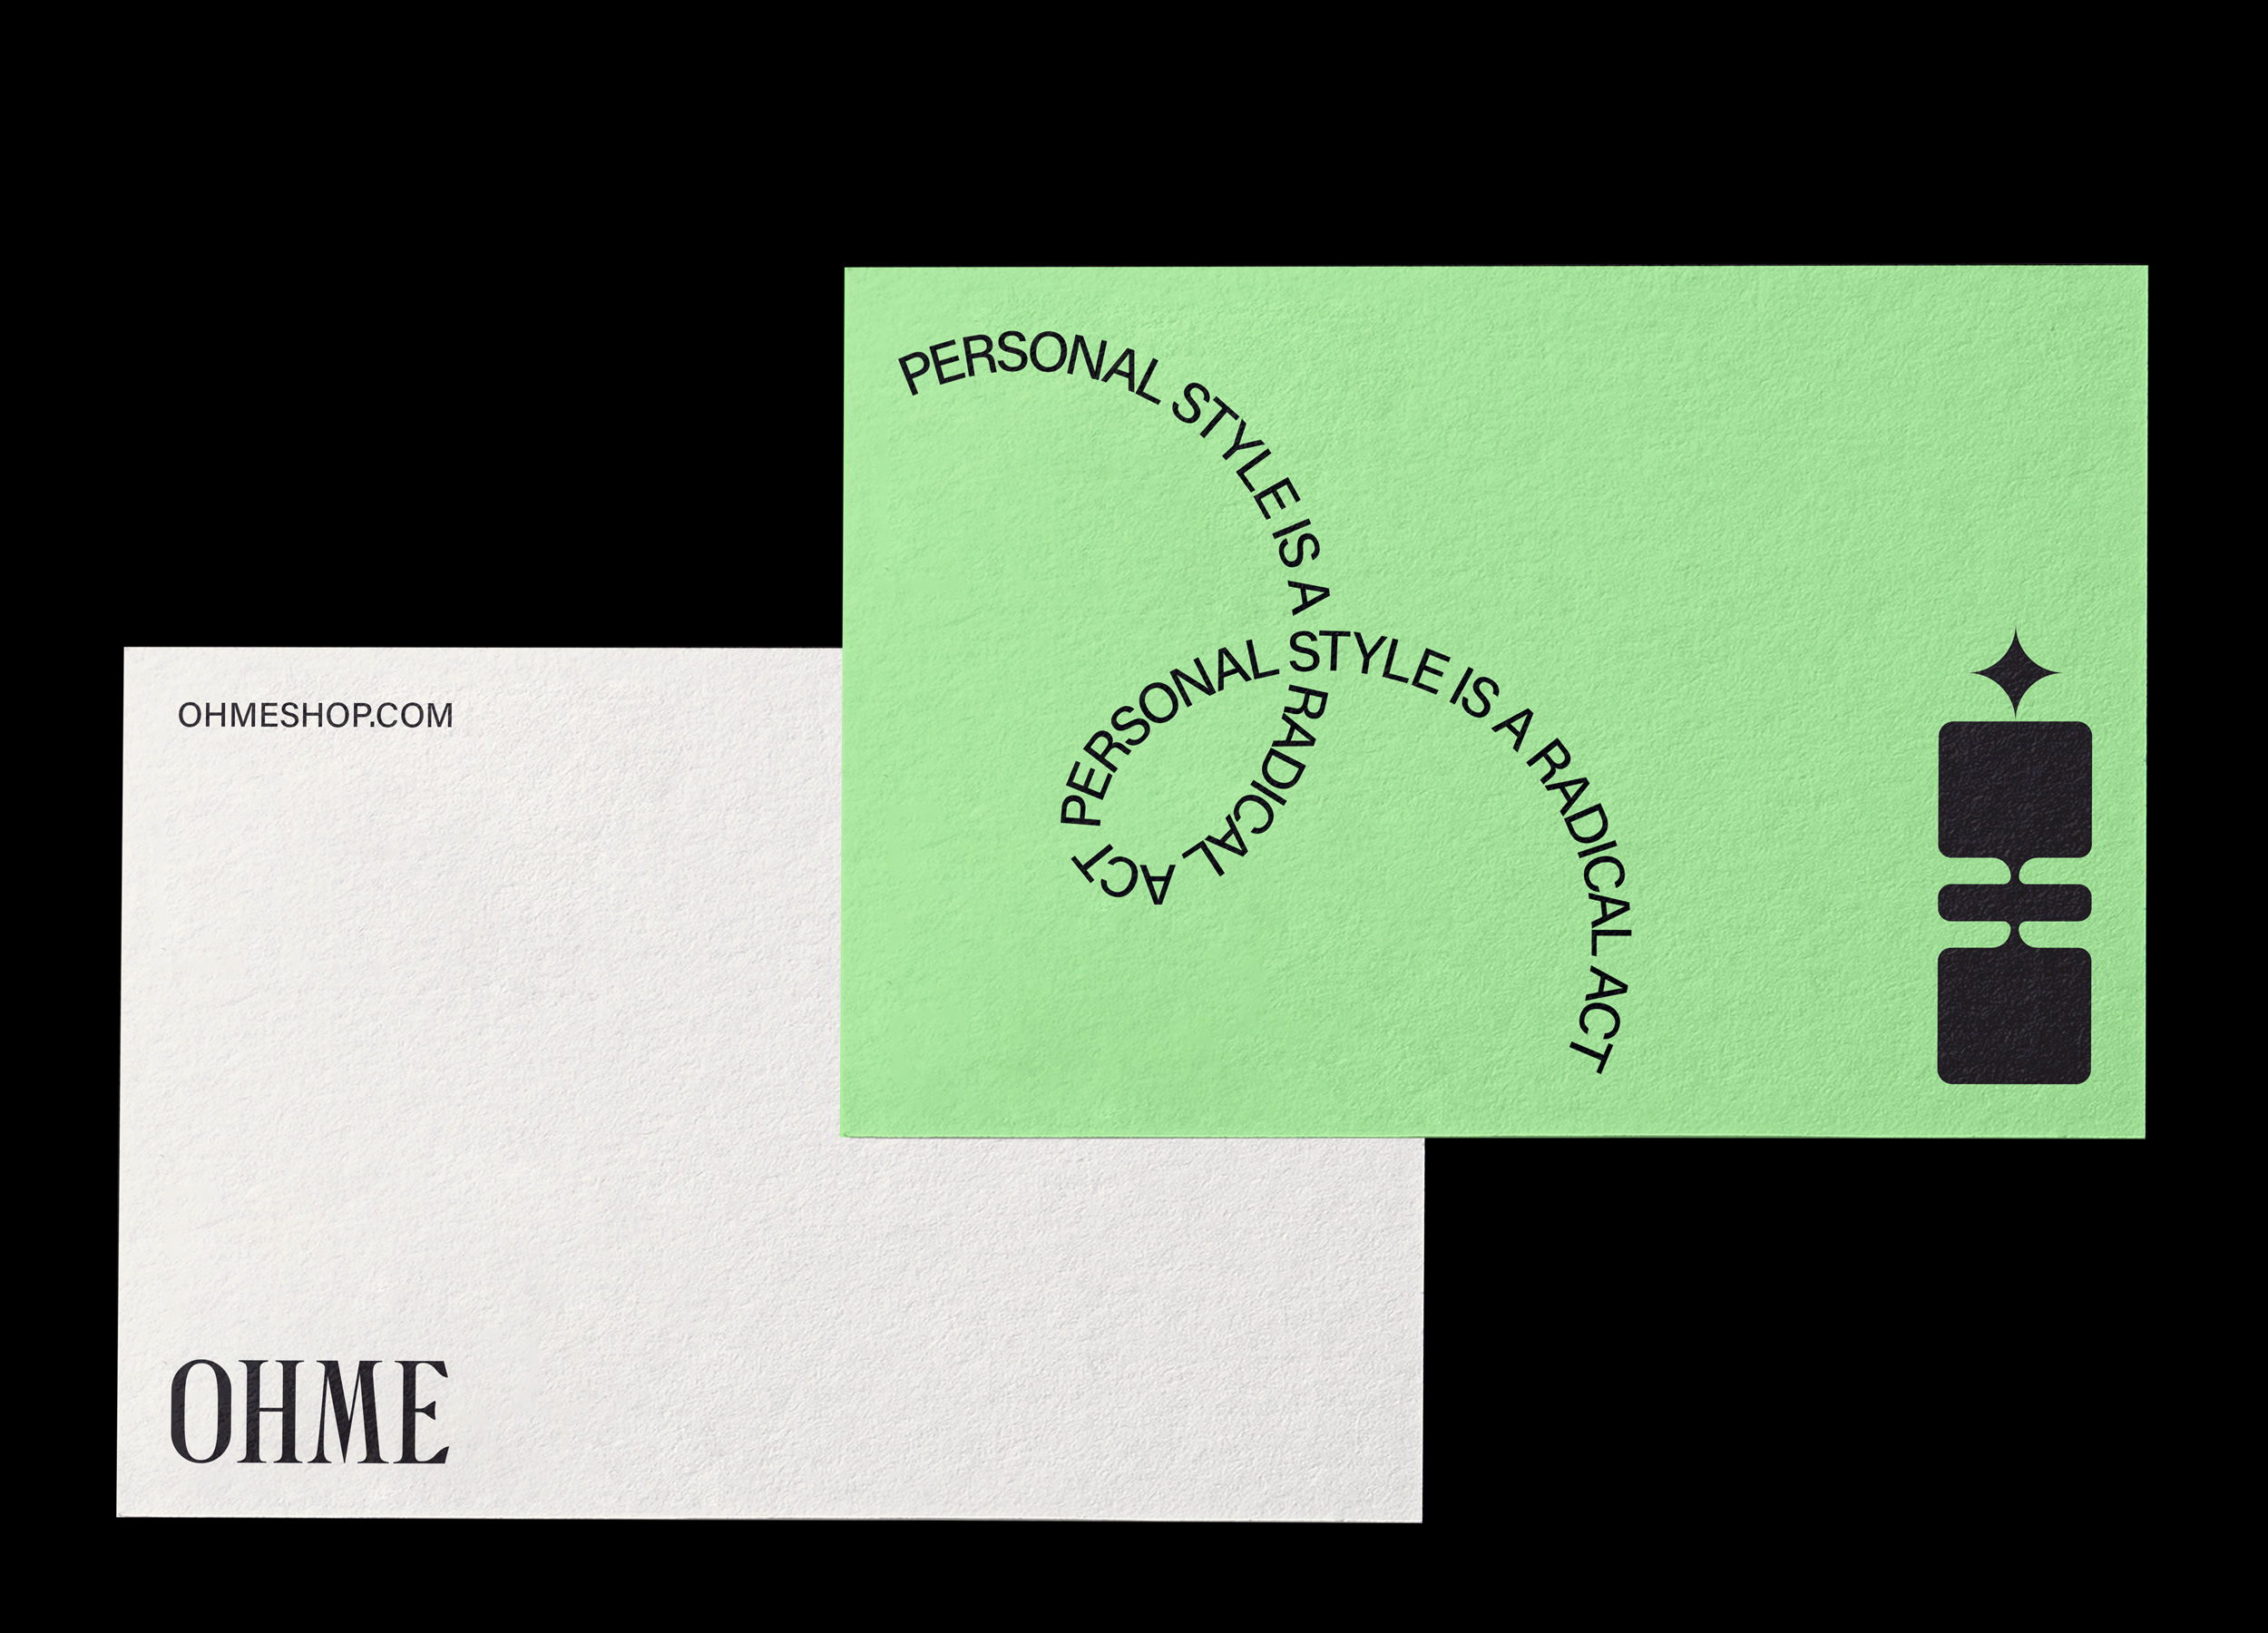 OHME Postcard Design